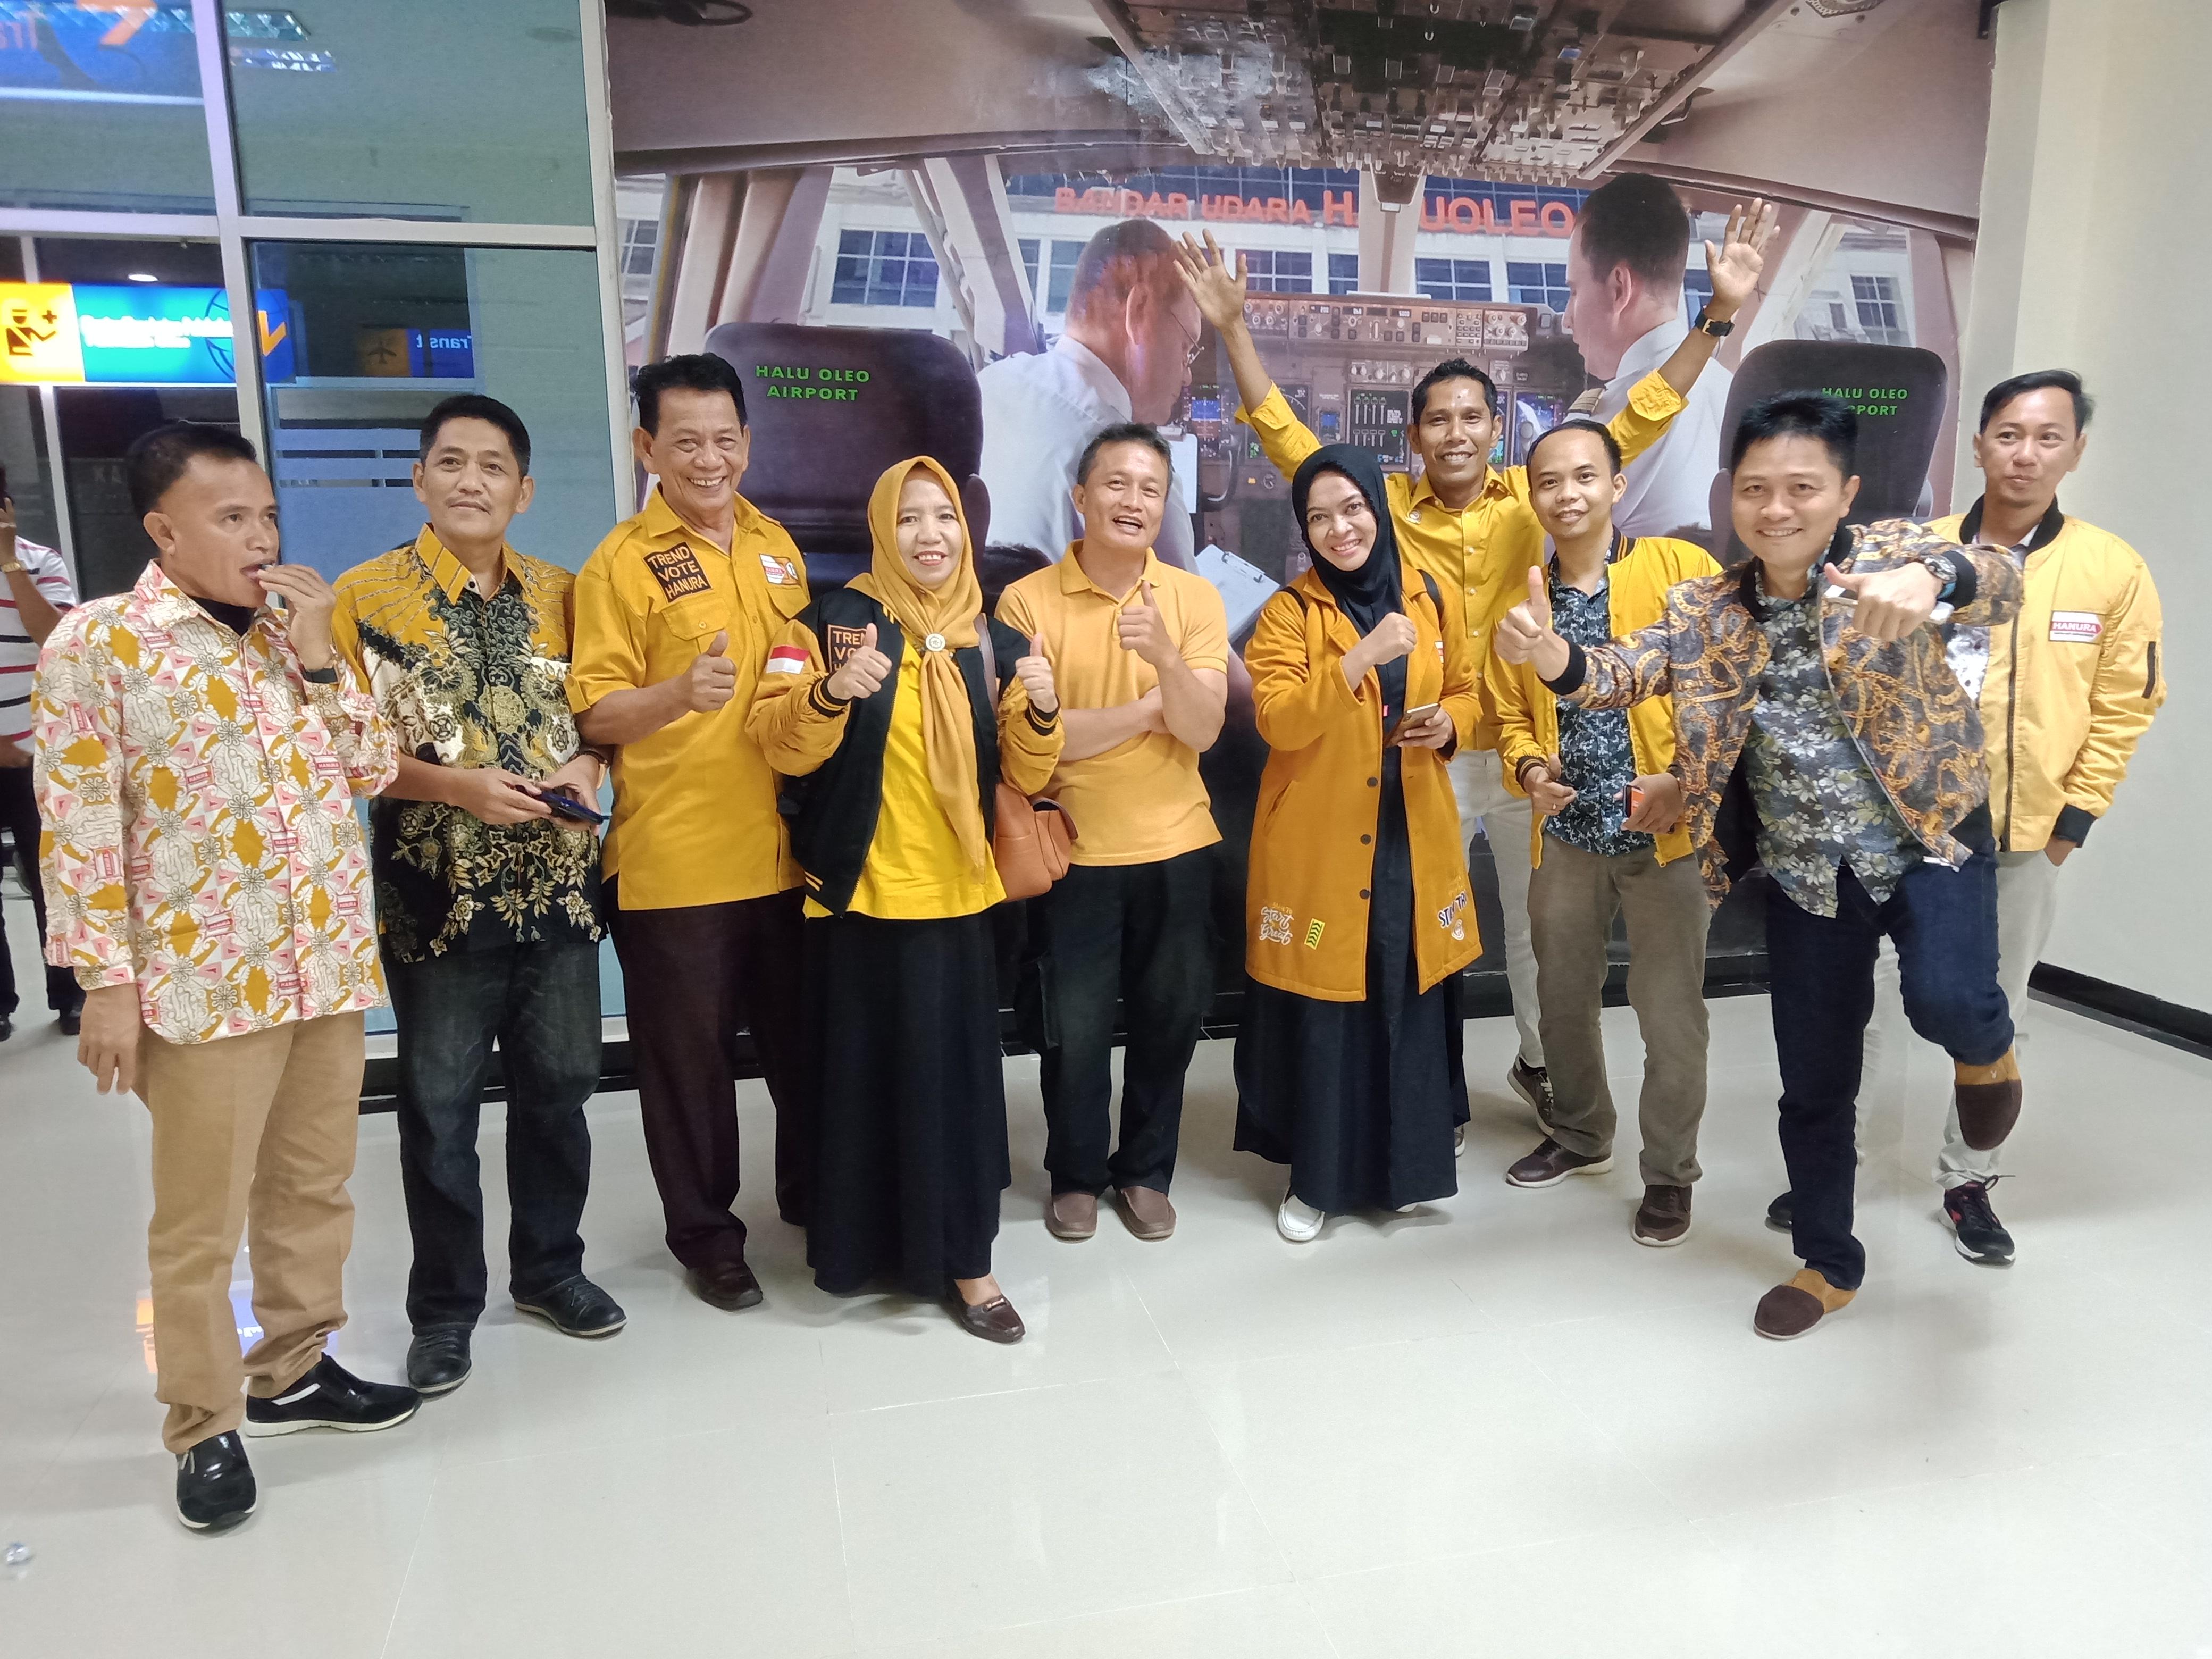 Ketua DPD Partai Hanura, Wa Ode Nurhayati bersama Rombongan Saat menjemput Waketum DPP Partai Hanura di Bandara Haluoleo Kendari